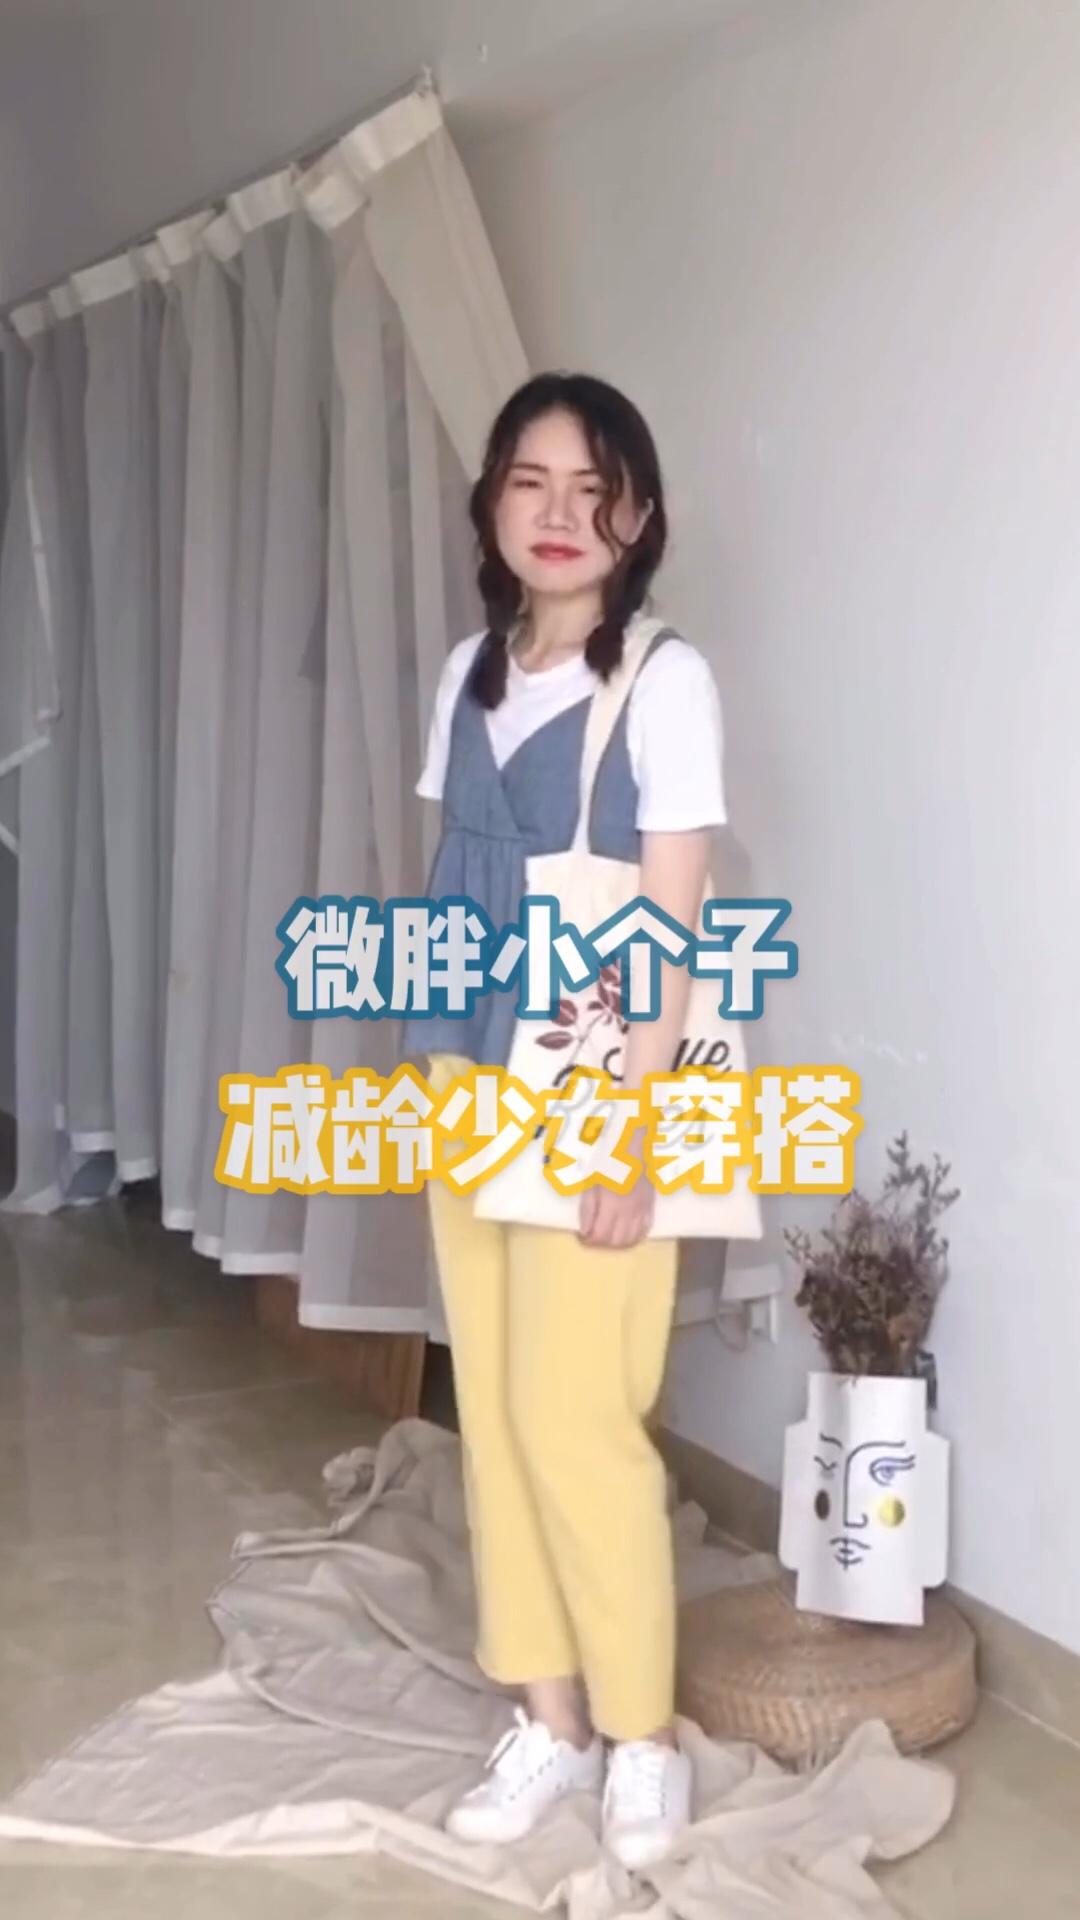 """超级夏日的配色!蓝色➕黄色➕白色 很好看!搭配一个花朵帆布包,一个小辫子 减龄又可爱的穿搭 这款小吊带简直是白搭神器!#这个女生也太""""黄""""了吧!#"""